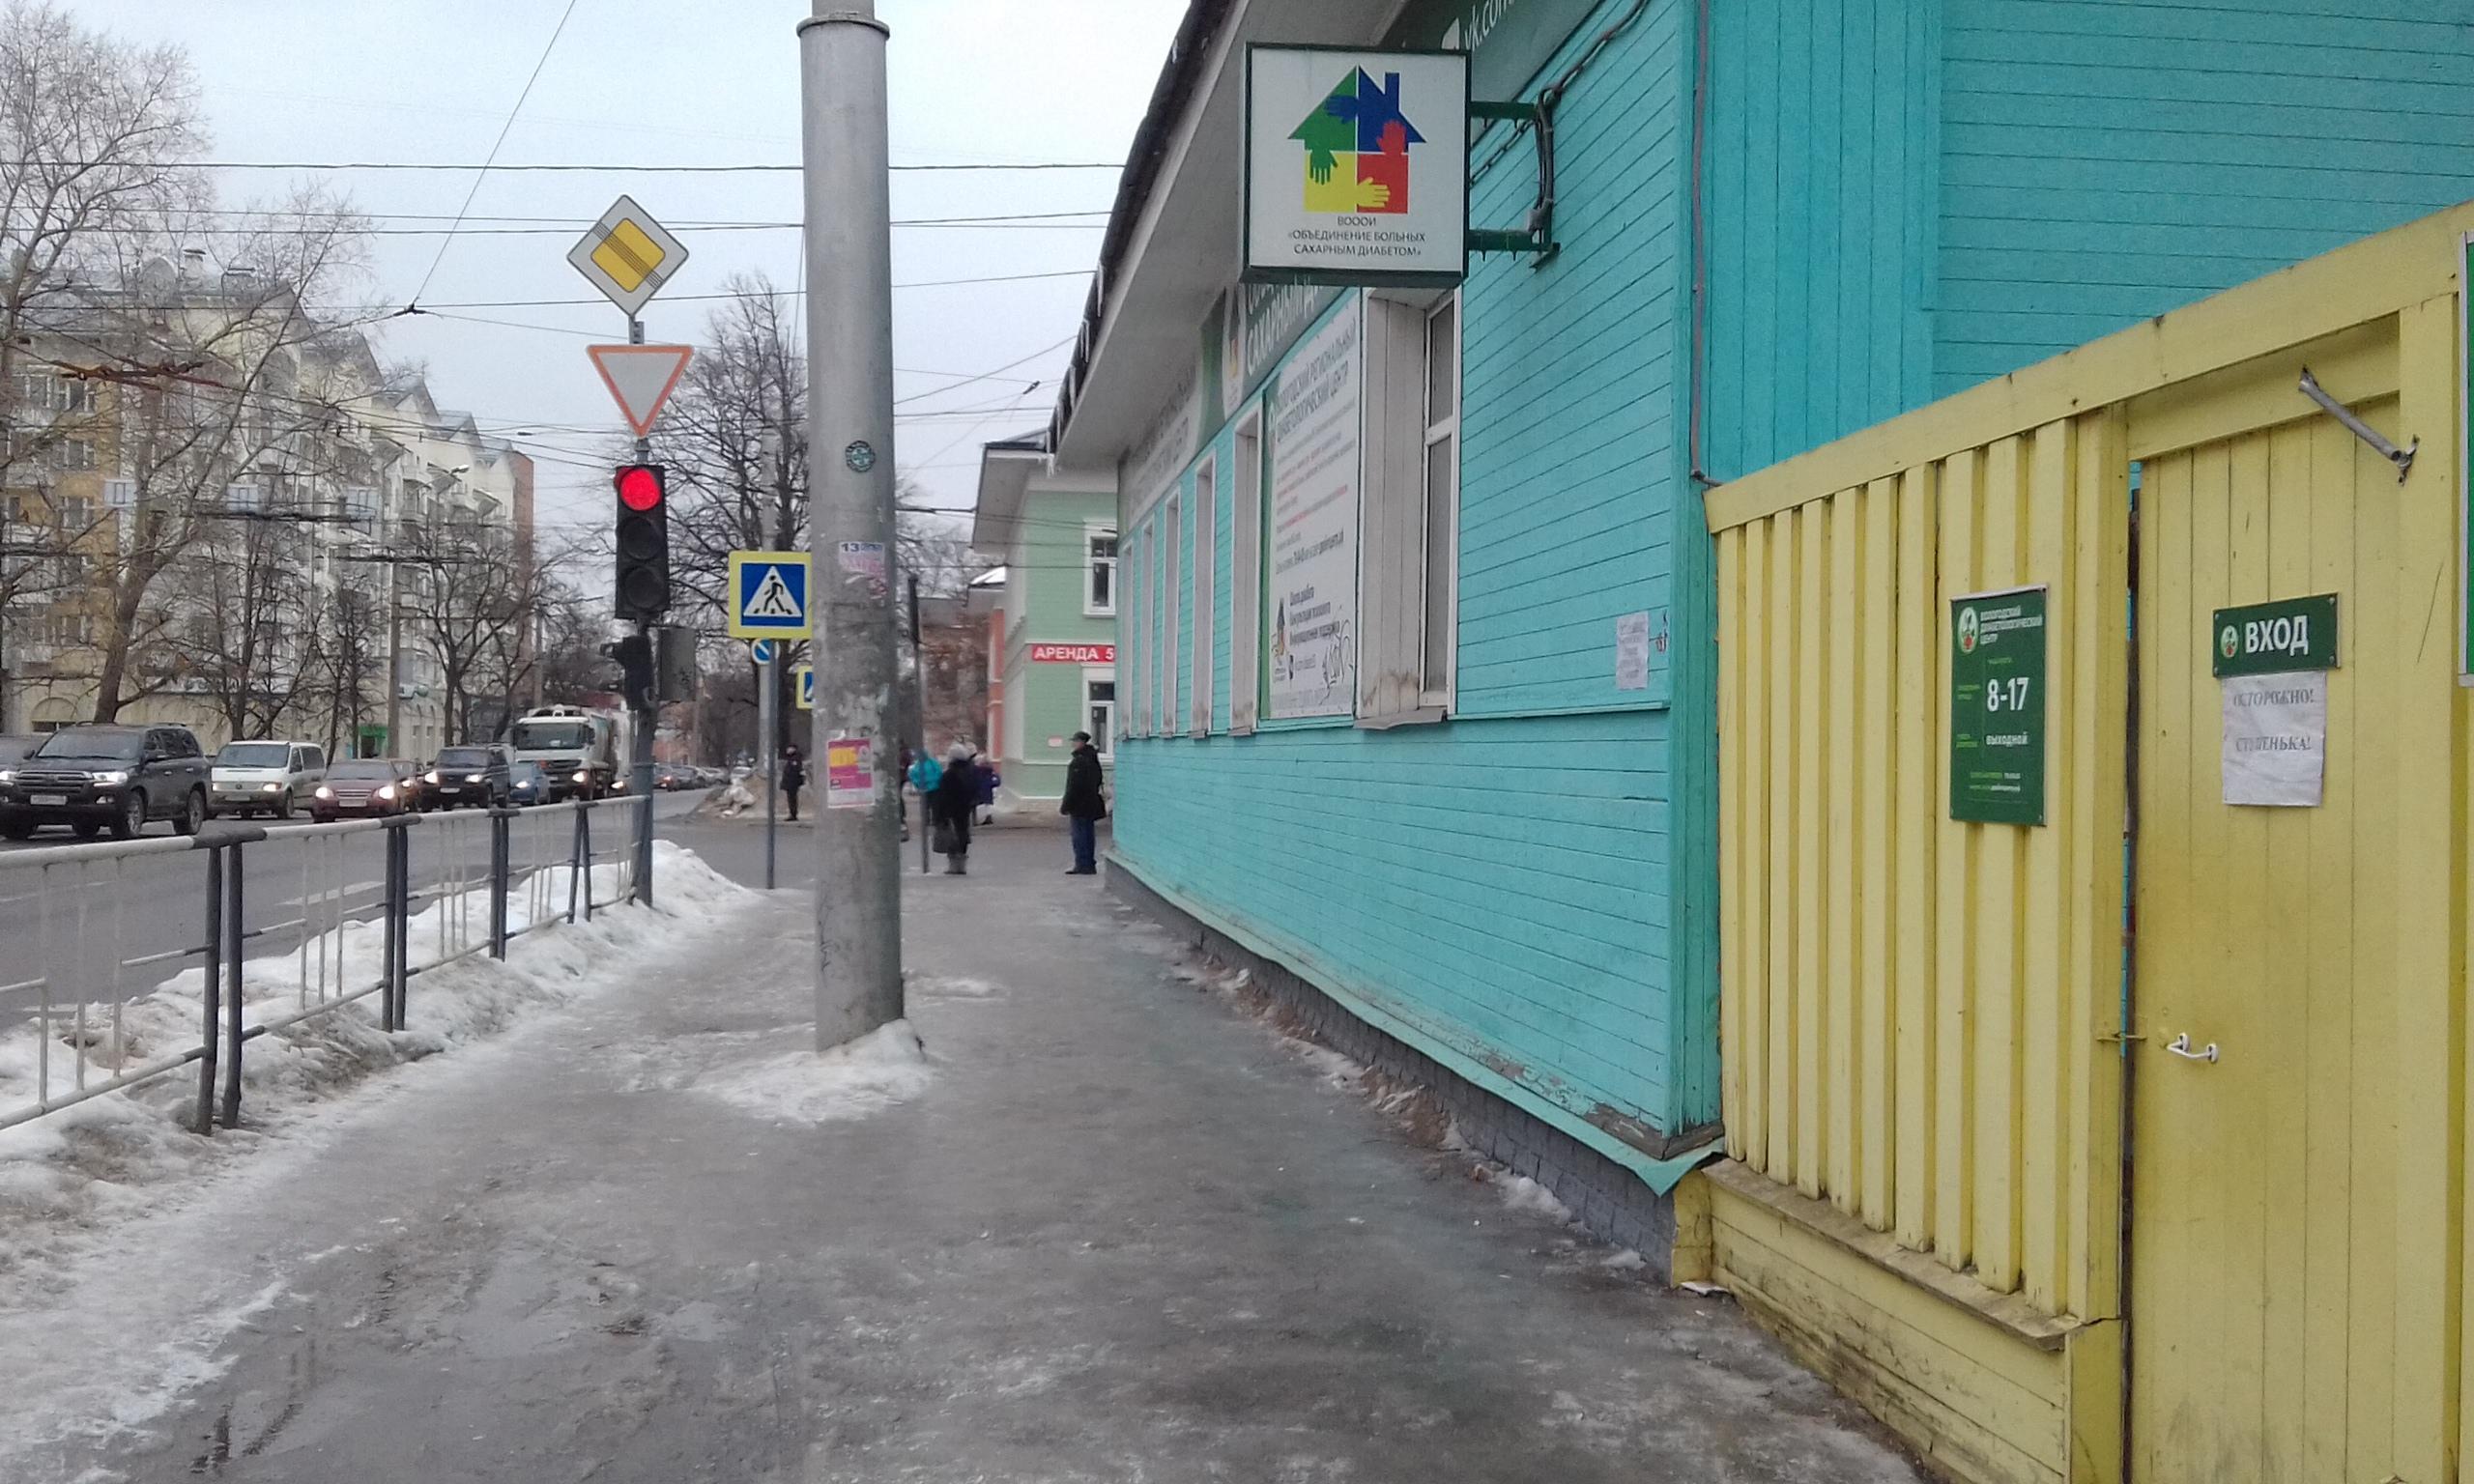 В диабет-центре в Вологде перестали делать бесплатные анализы, а диабет-центр в Великом Устюге так и не открылся